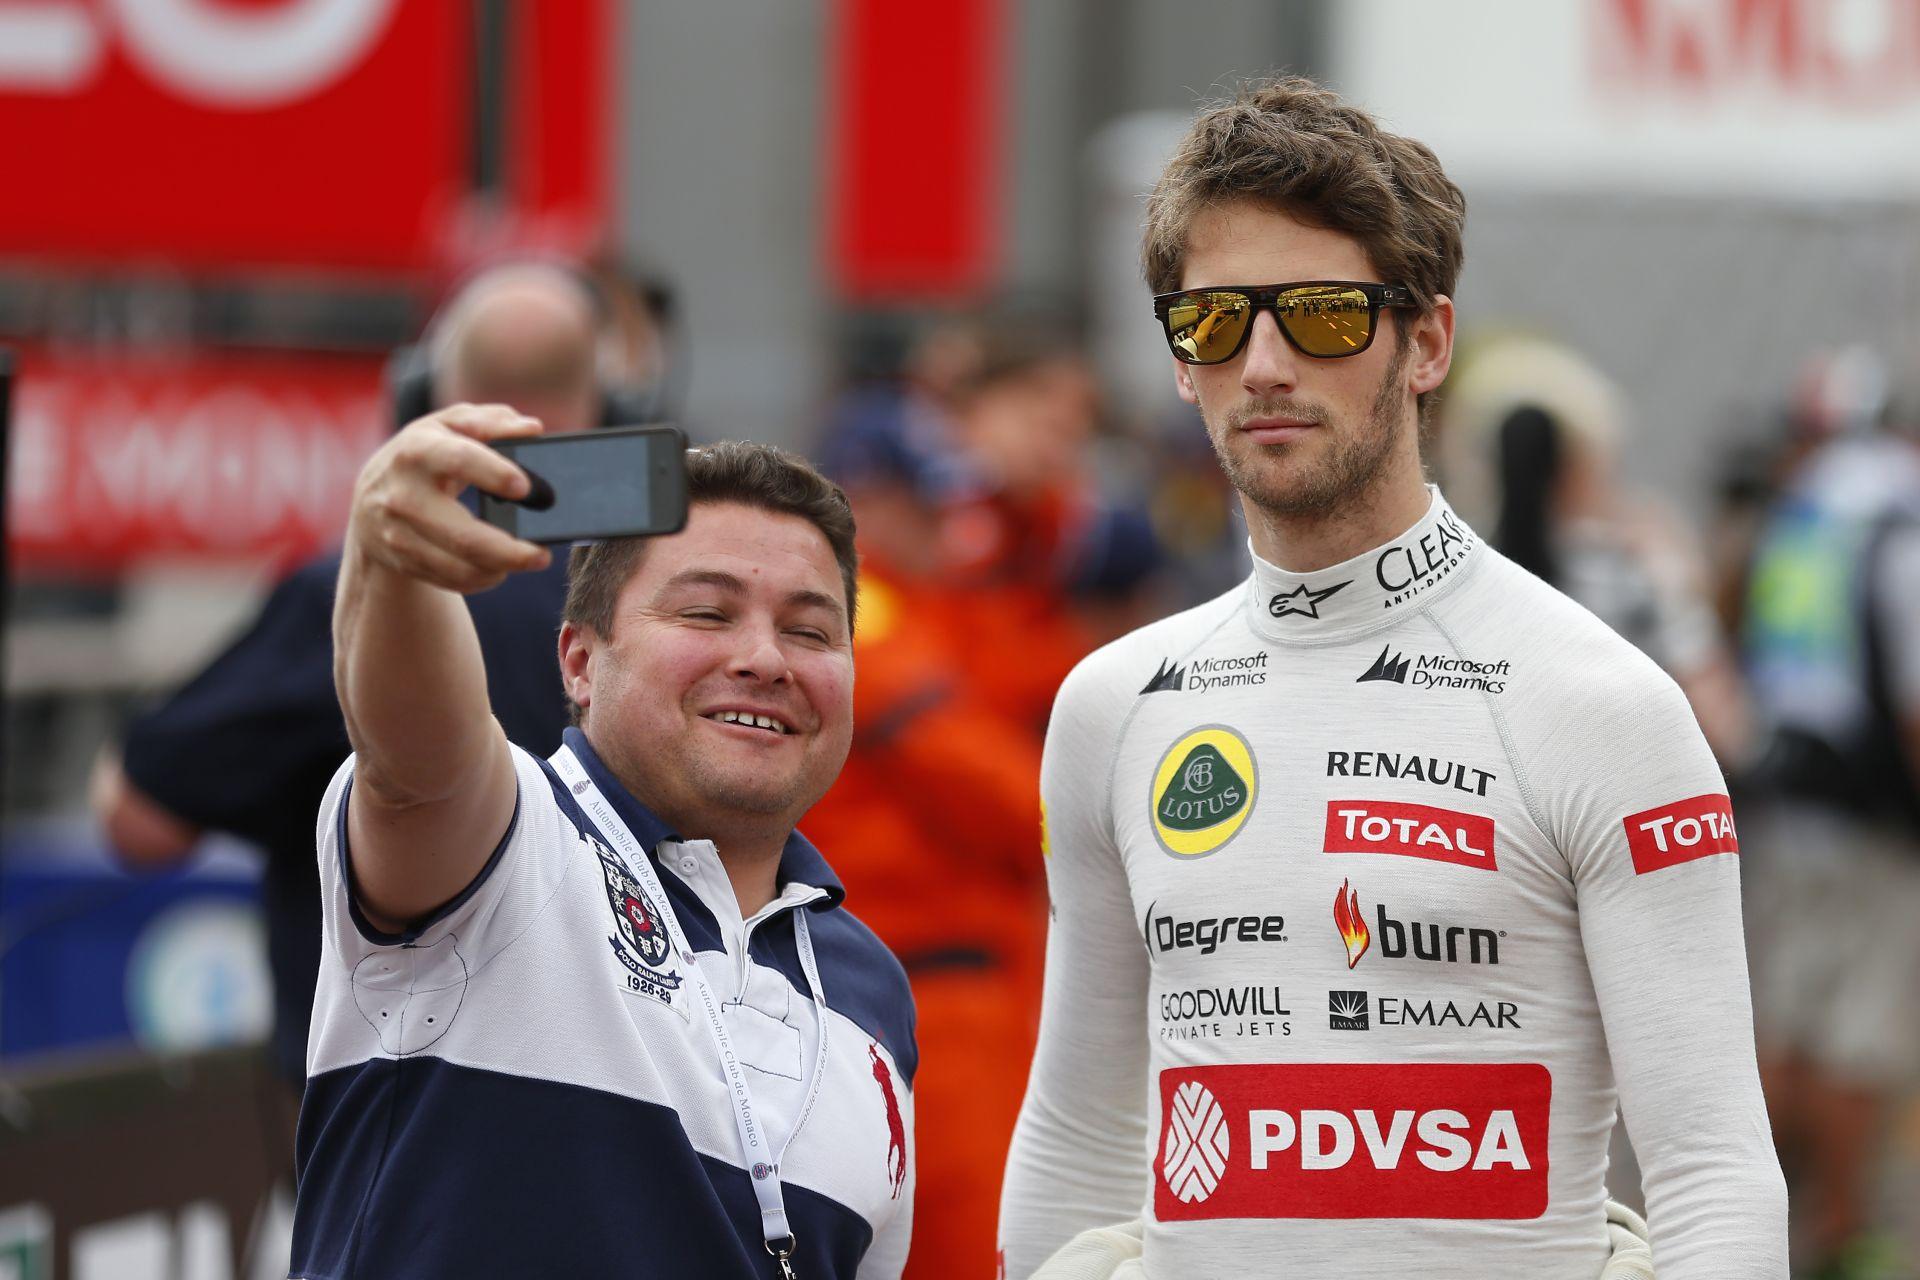 Grosjean nem zárja ki, hogy távozzon a Lotustól